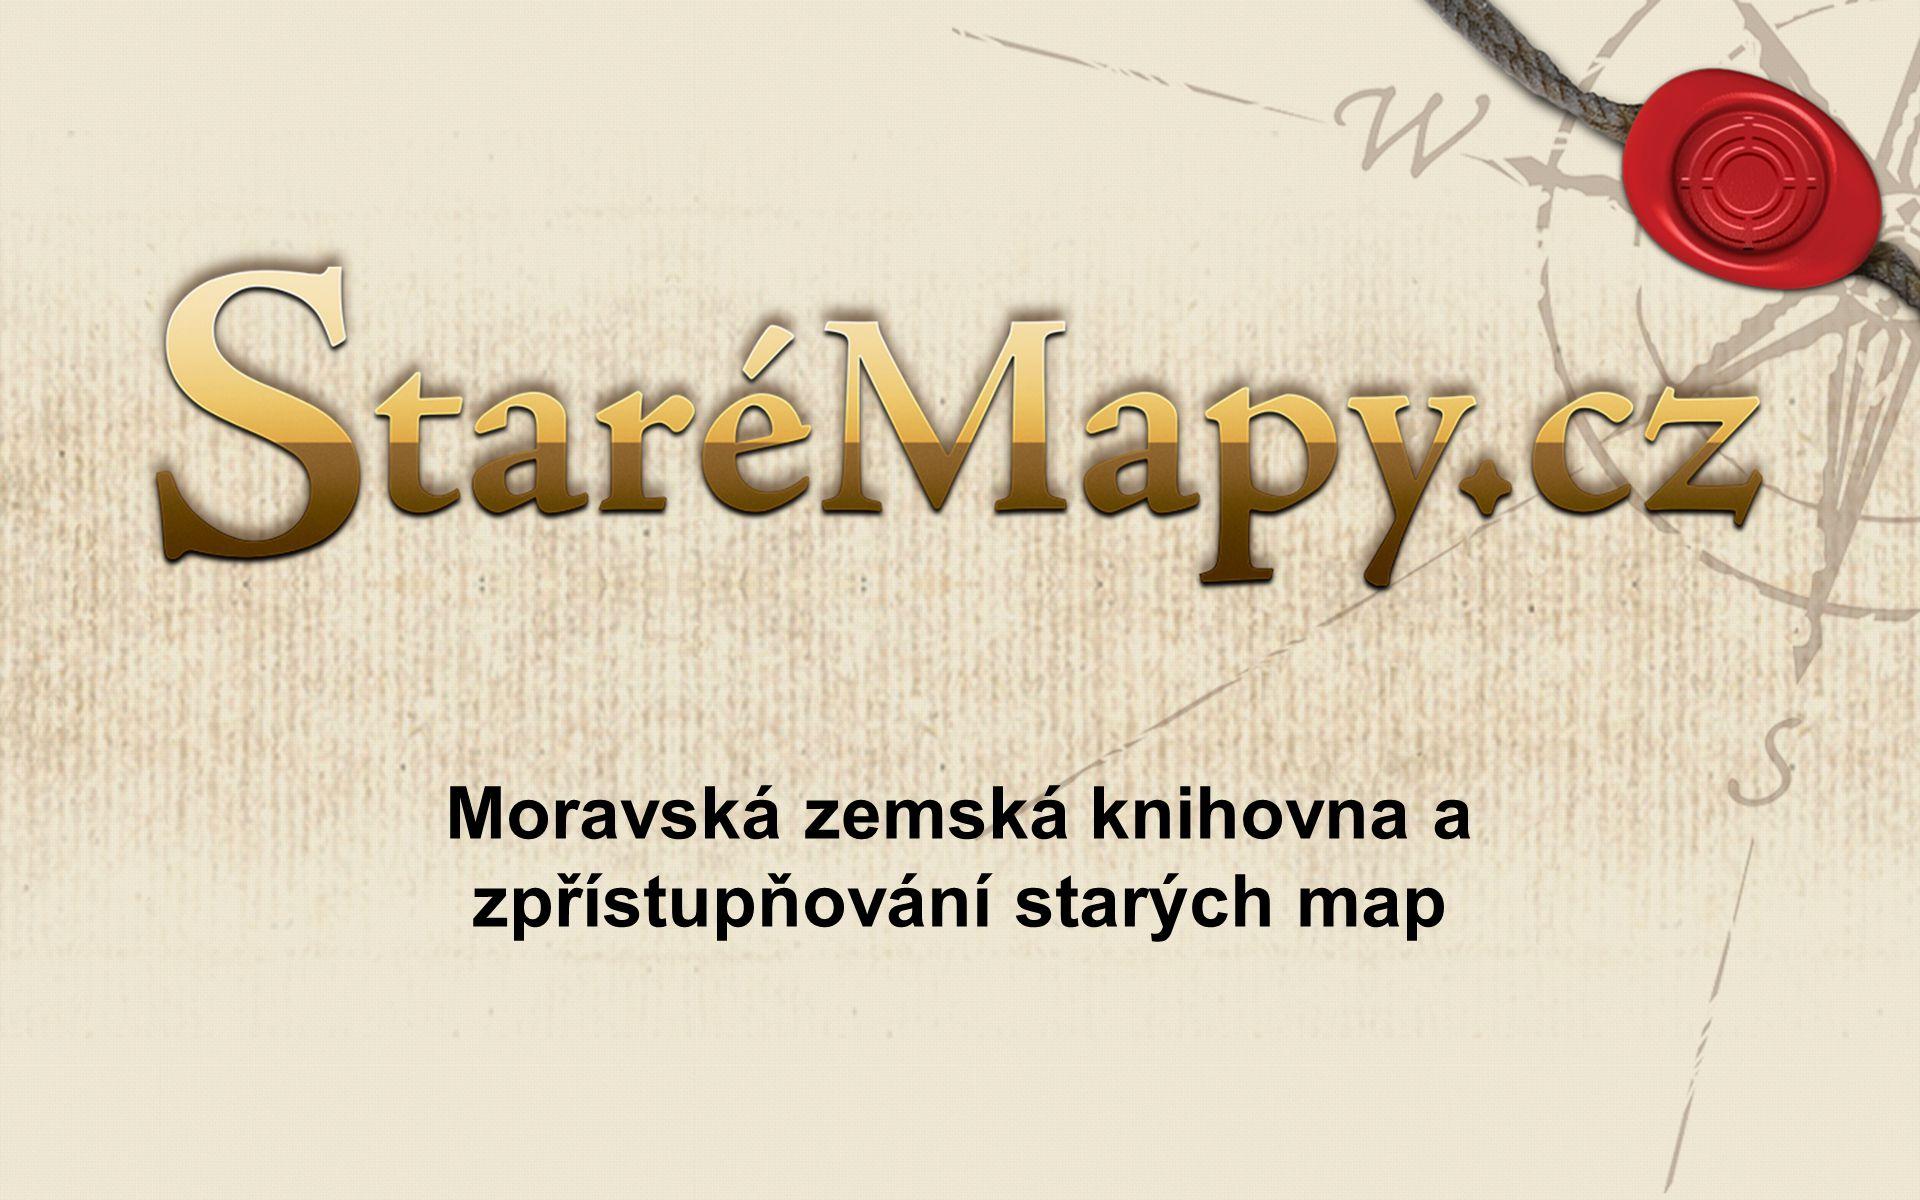 Moravská zemská knihovna a zpřístupňování starých map